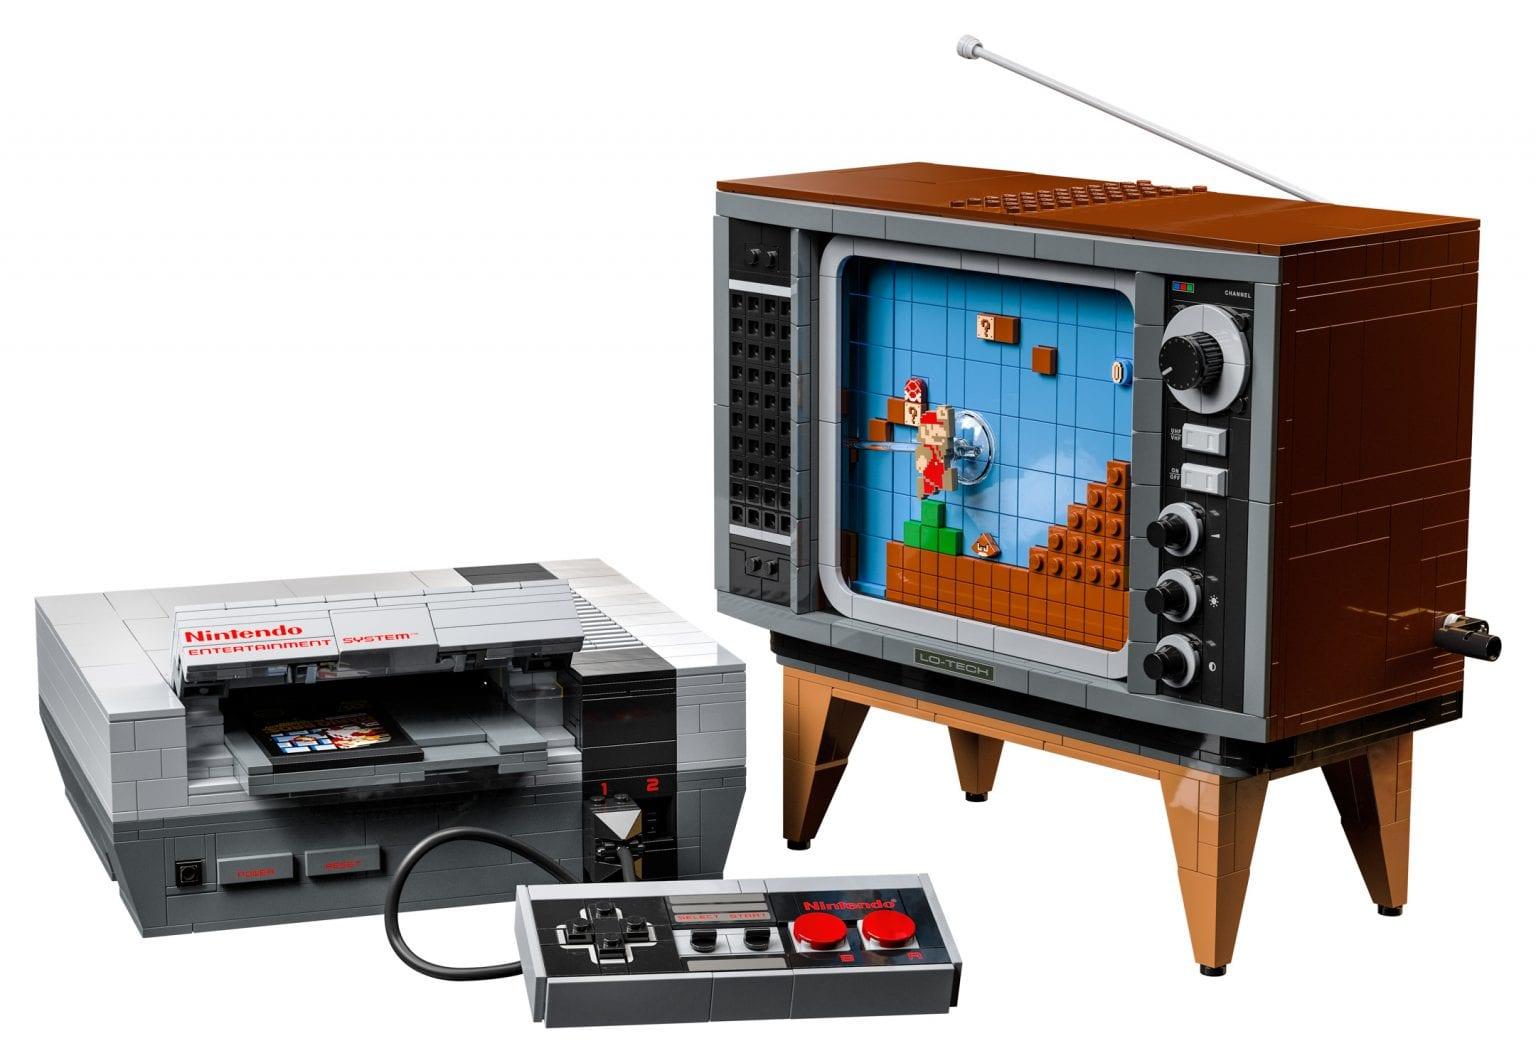 Nintendo Entertainment System, annunciato ufficialmente il set LEGO